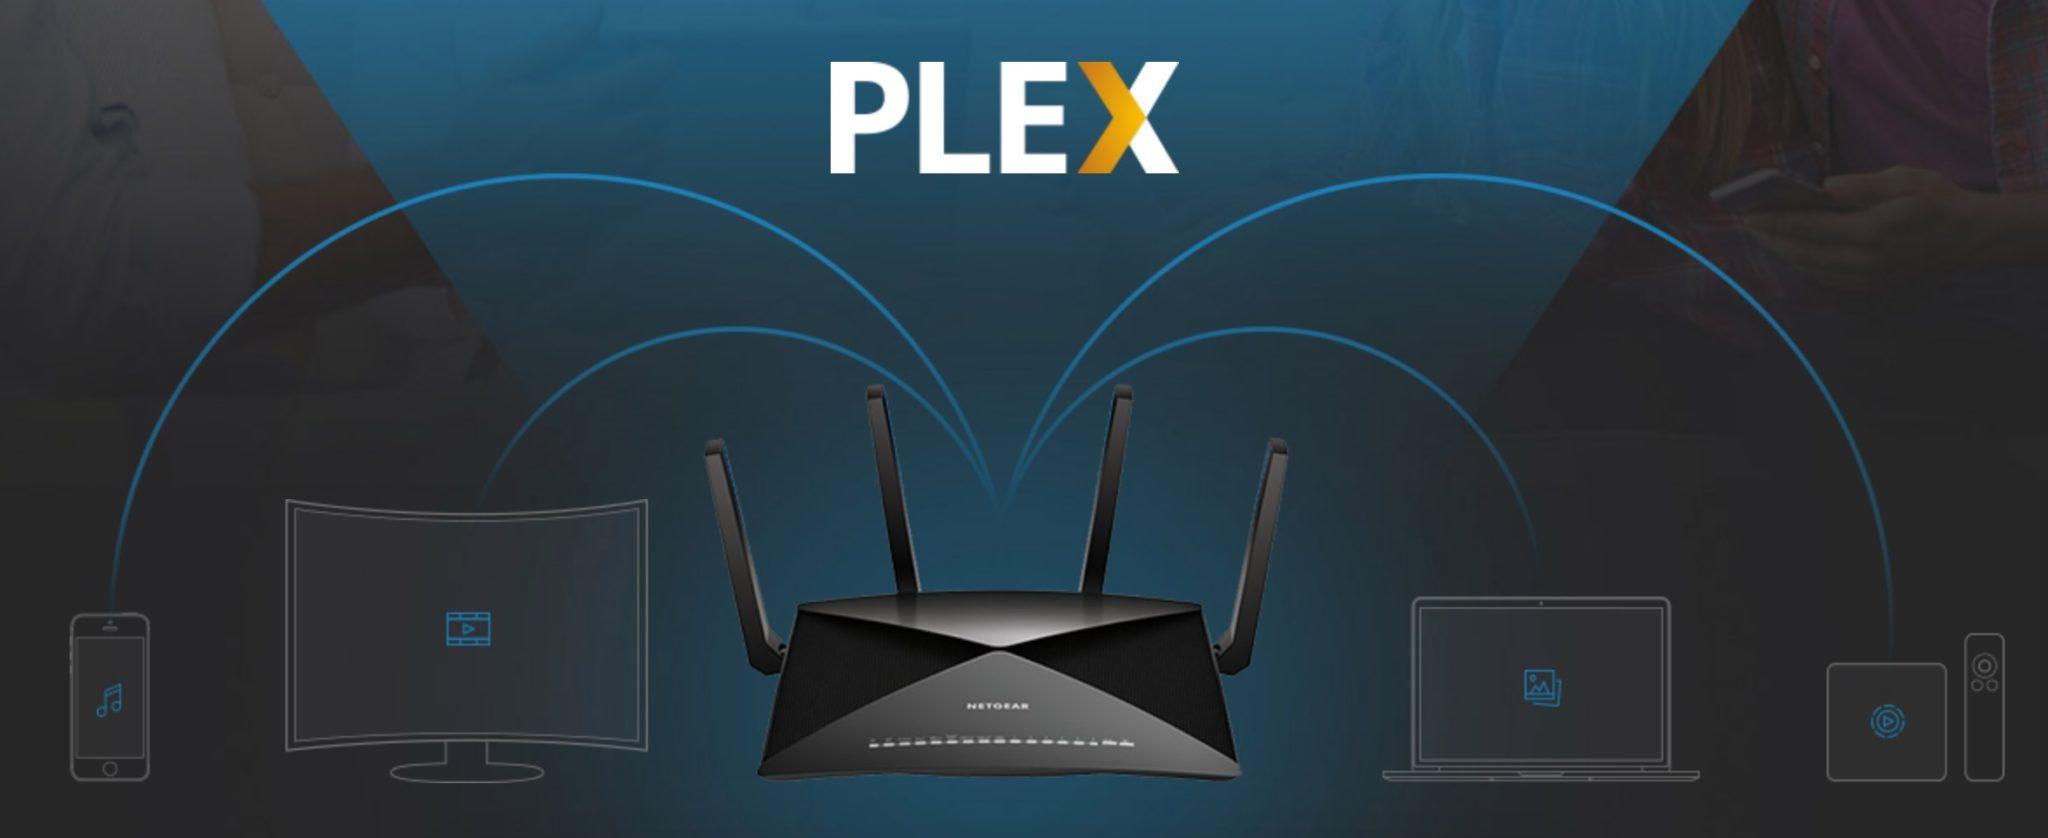 Plex Media Server comme particularité intégrée au routeur